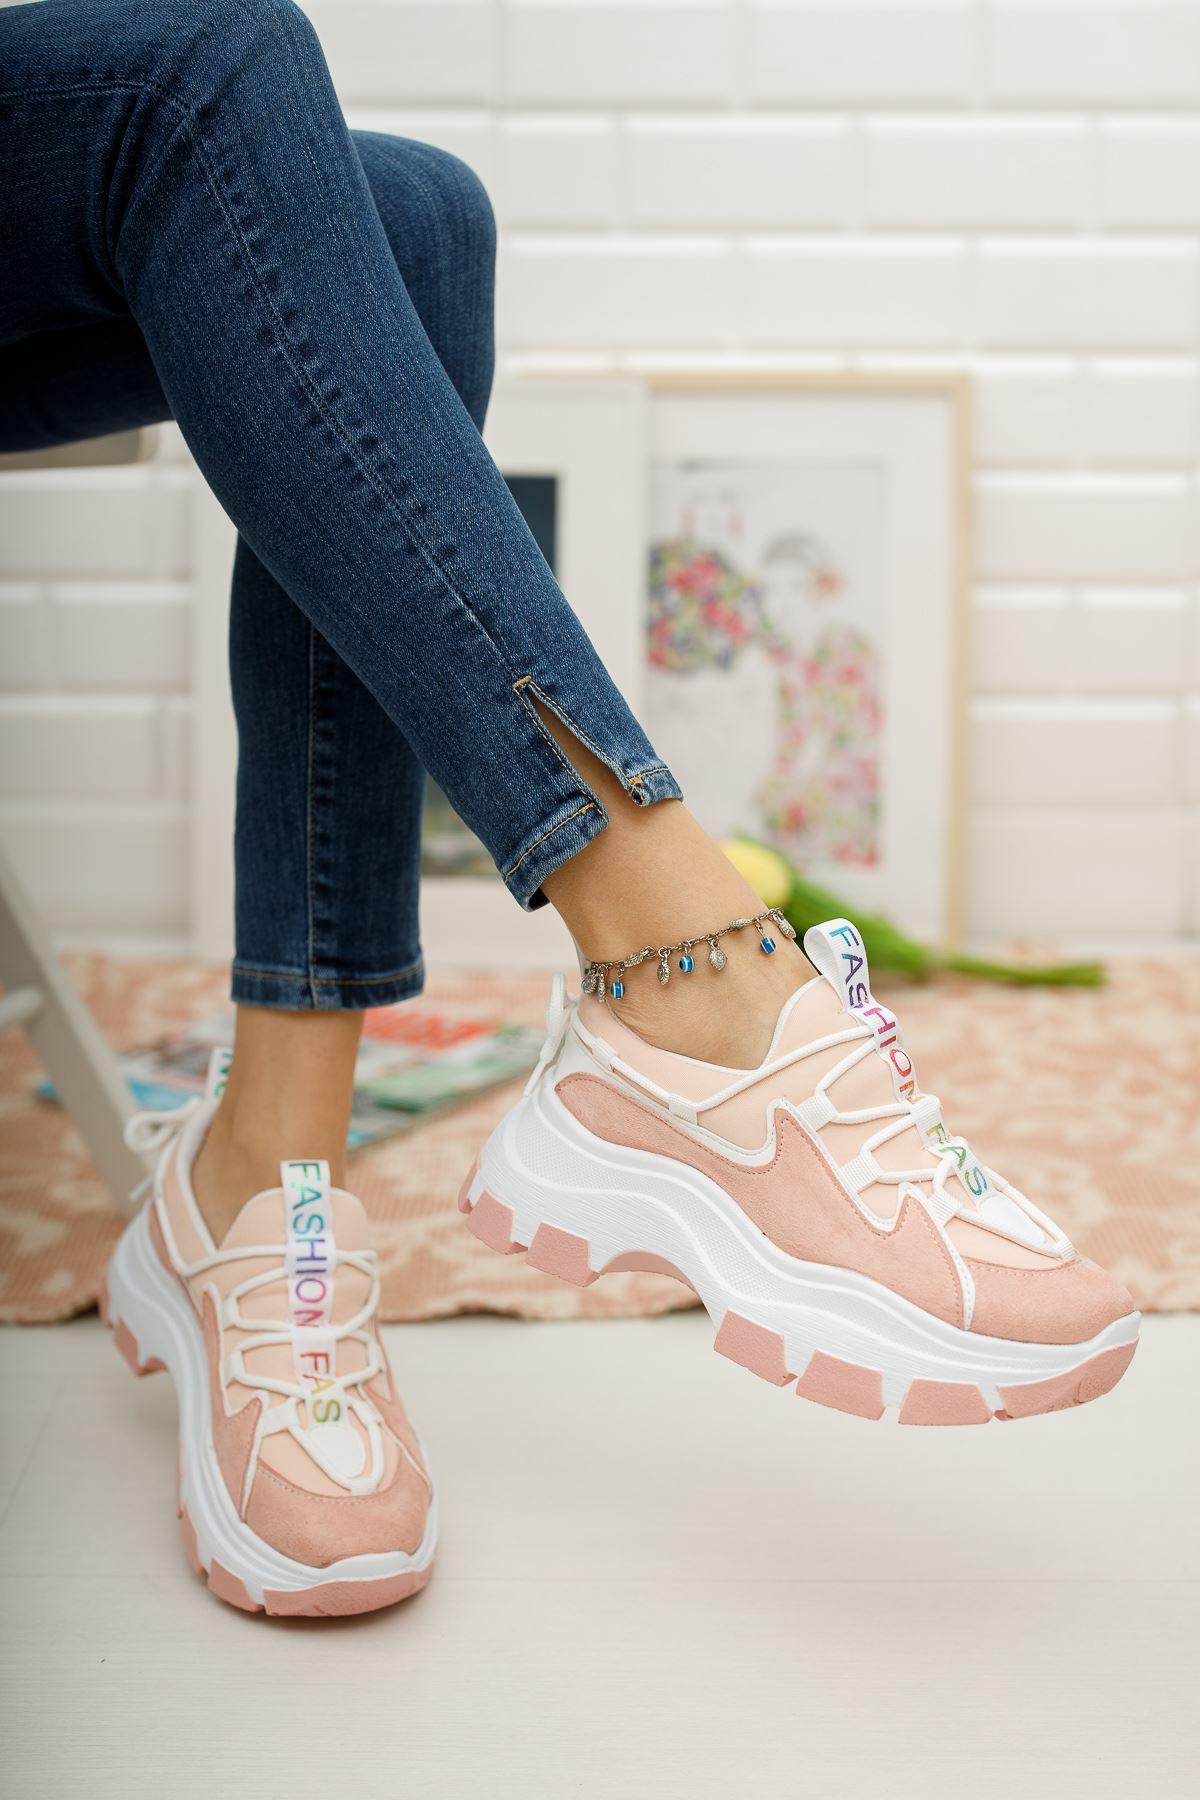 Kadın Badde Kalın Taban Pudra Spor Ayakkabı